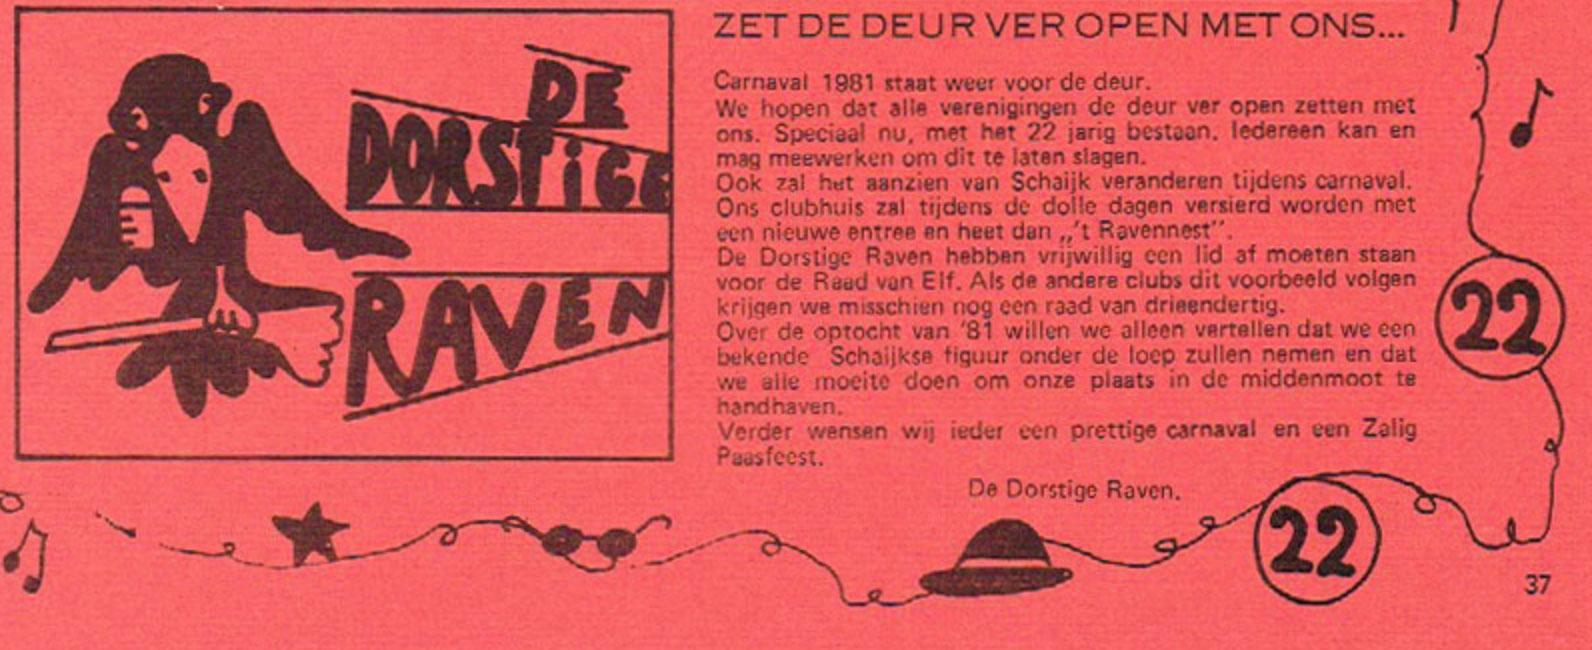 Stukje uit de carnavalskrant van de Dorstige Raven - 1981